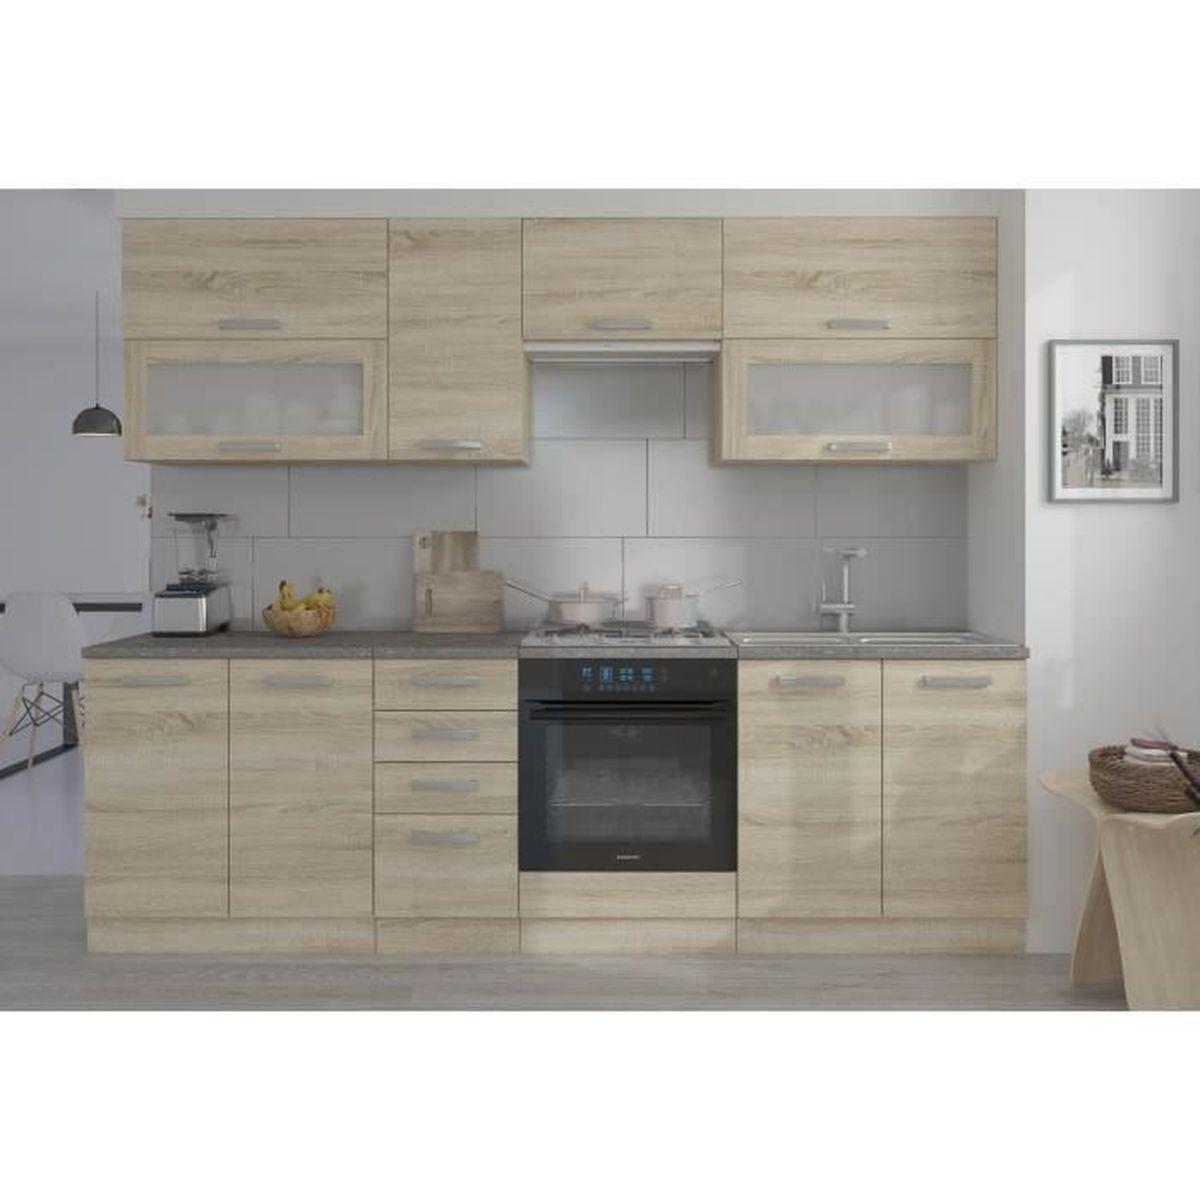 cuisine quipe complete amazing latest cuisine equipee a conforama beau cuisine quipe pas cher. Black Bedroom Furniture Sets. Home Design Ideas